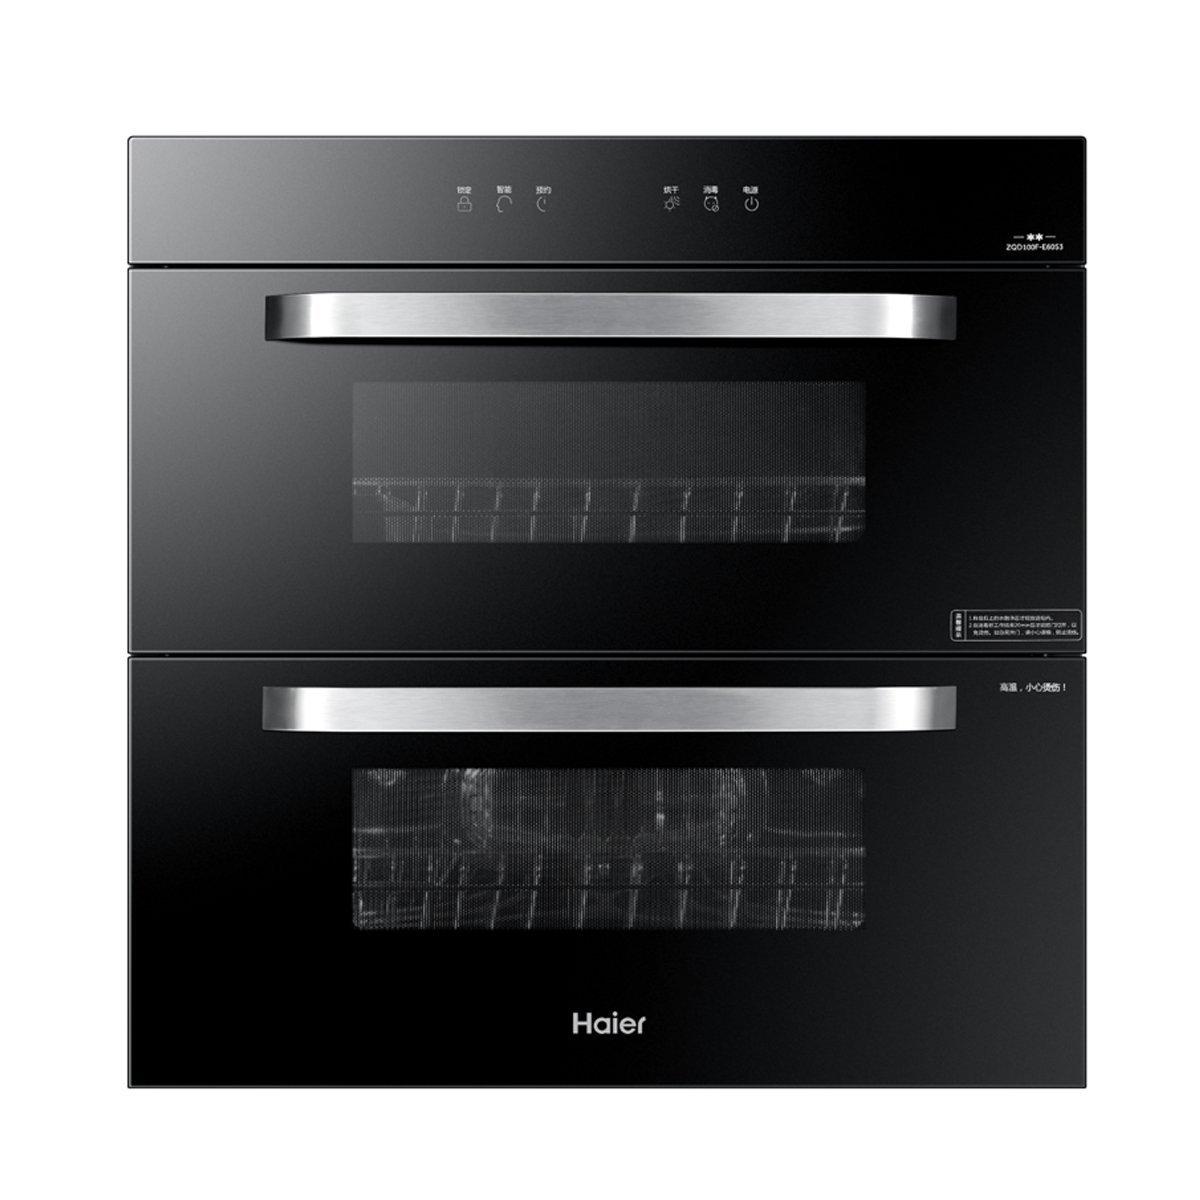 Haier   Haier/ Hale ZQD100F-E60S3 sóng ánh sáng thanh lý khử trùng trong tủ an toàn, không ô - zôn